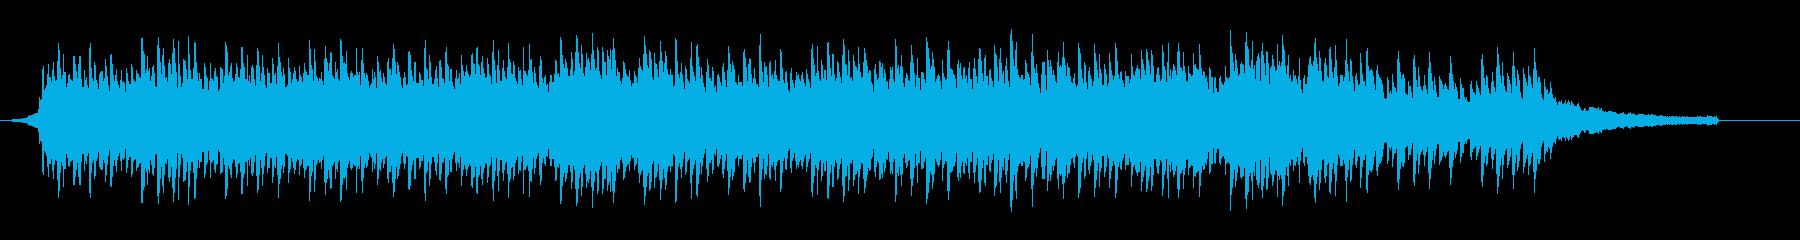 企業VP182、ピアノ、アコギ、爽やかSの再生済みの波形